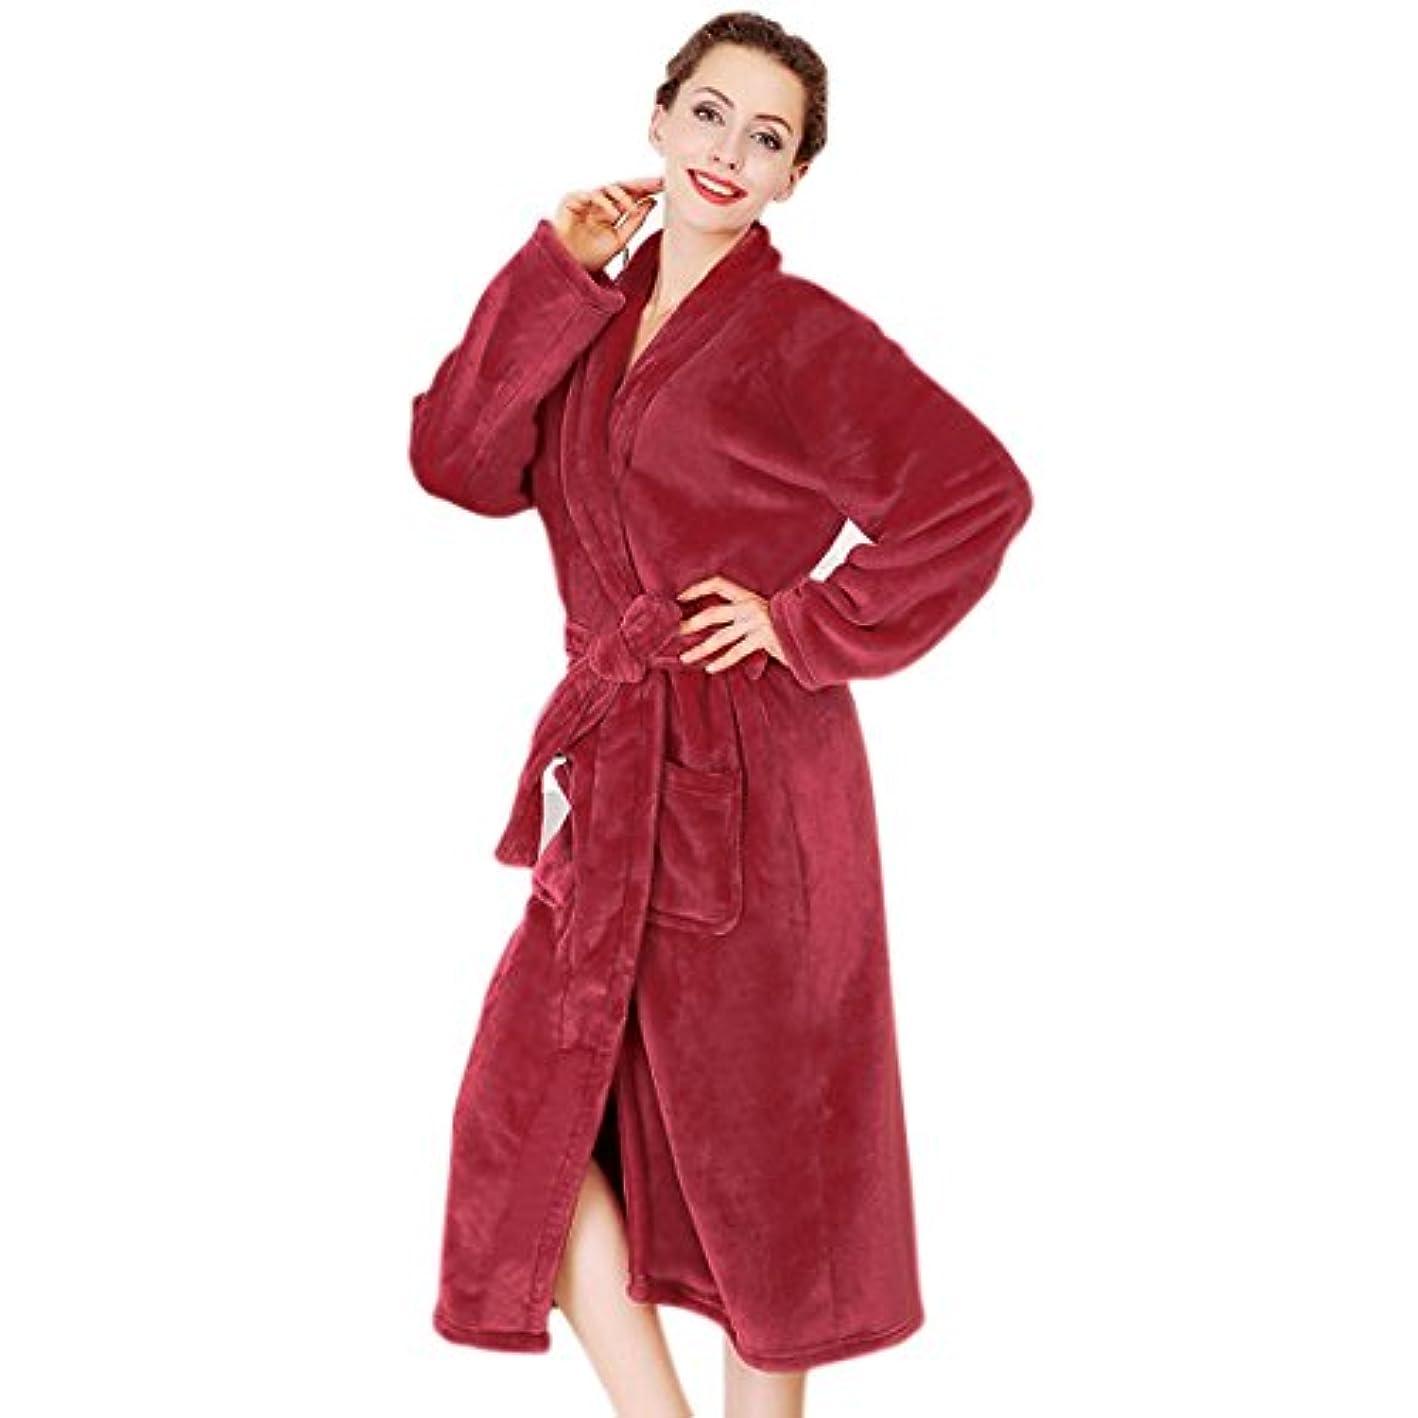 豊富怪しい身元(Baoxinjp)メンズ レディース パジャマ バスローブ カップル ガウン 部屋着 寝巻き 可愛い 人気 長袖 お風呂上り 男女兼用 新婚祝い ルームウエア フリーサイズ